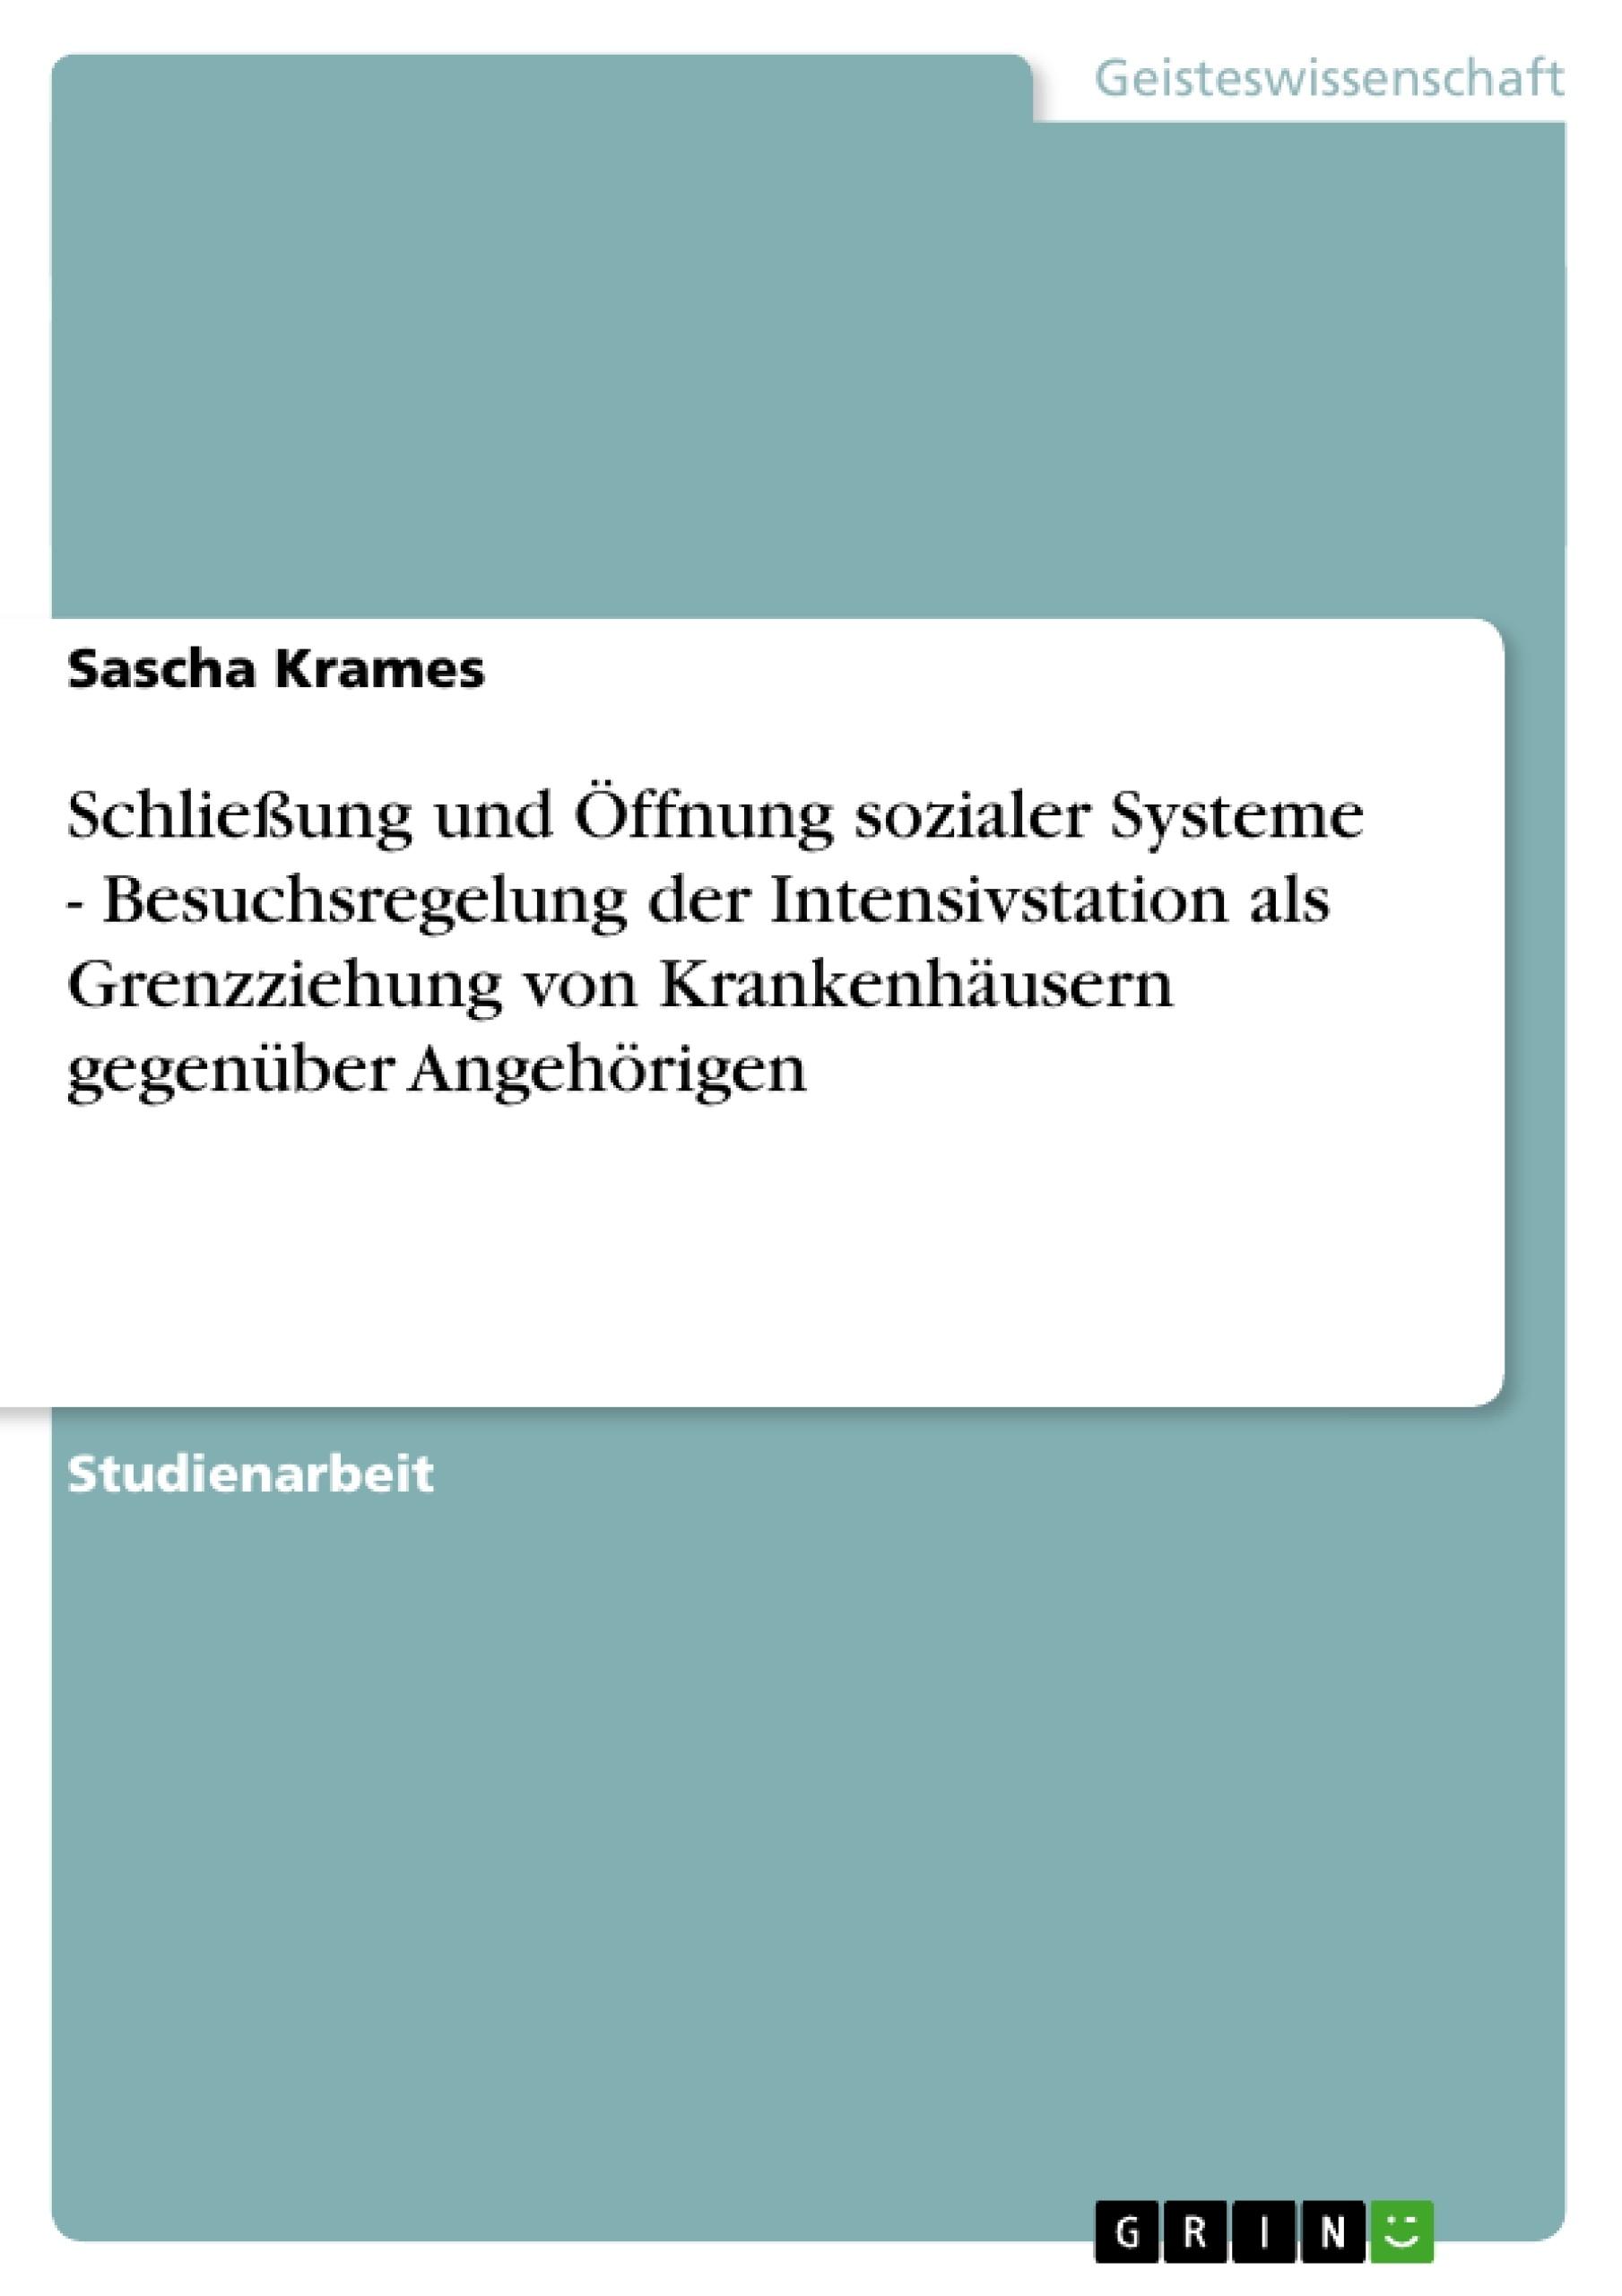 Titel: Schließung und Öffnung sozialer Systeme - Besuchsregelung der Intensivstation als Grenzziehung von Krankenhäusern gegenüber Angehörigen